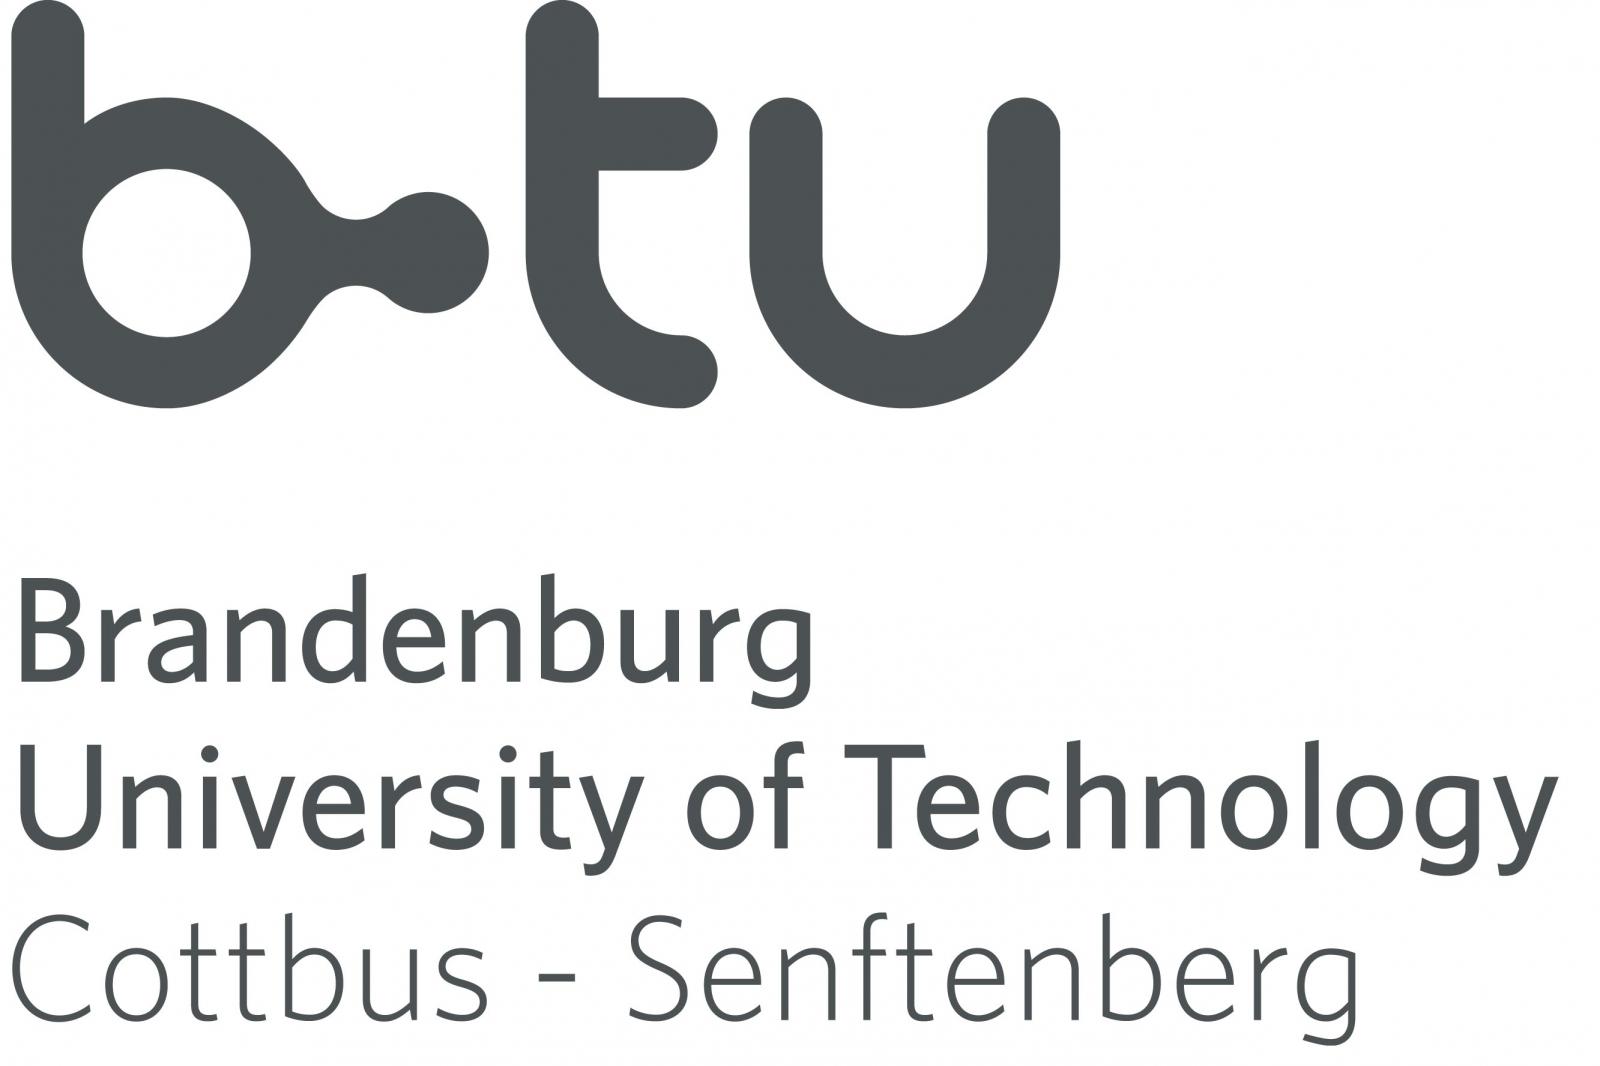 Объявлены результаты конкурса на получение стипендии для прохождения обучения в Branderburg University of Technology в рамках программы Erasmus+